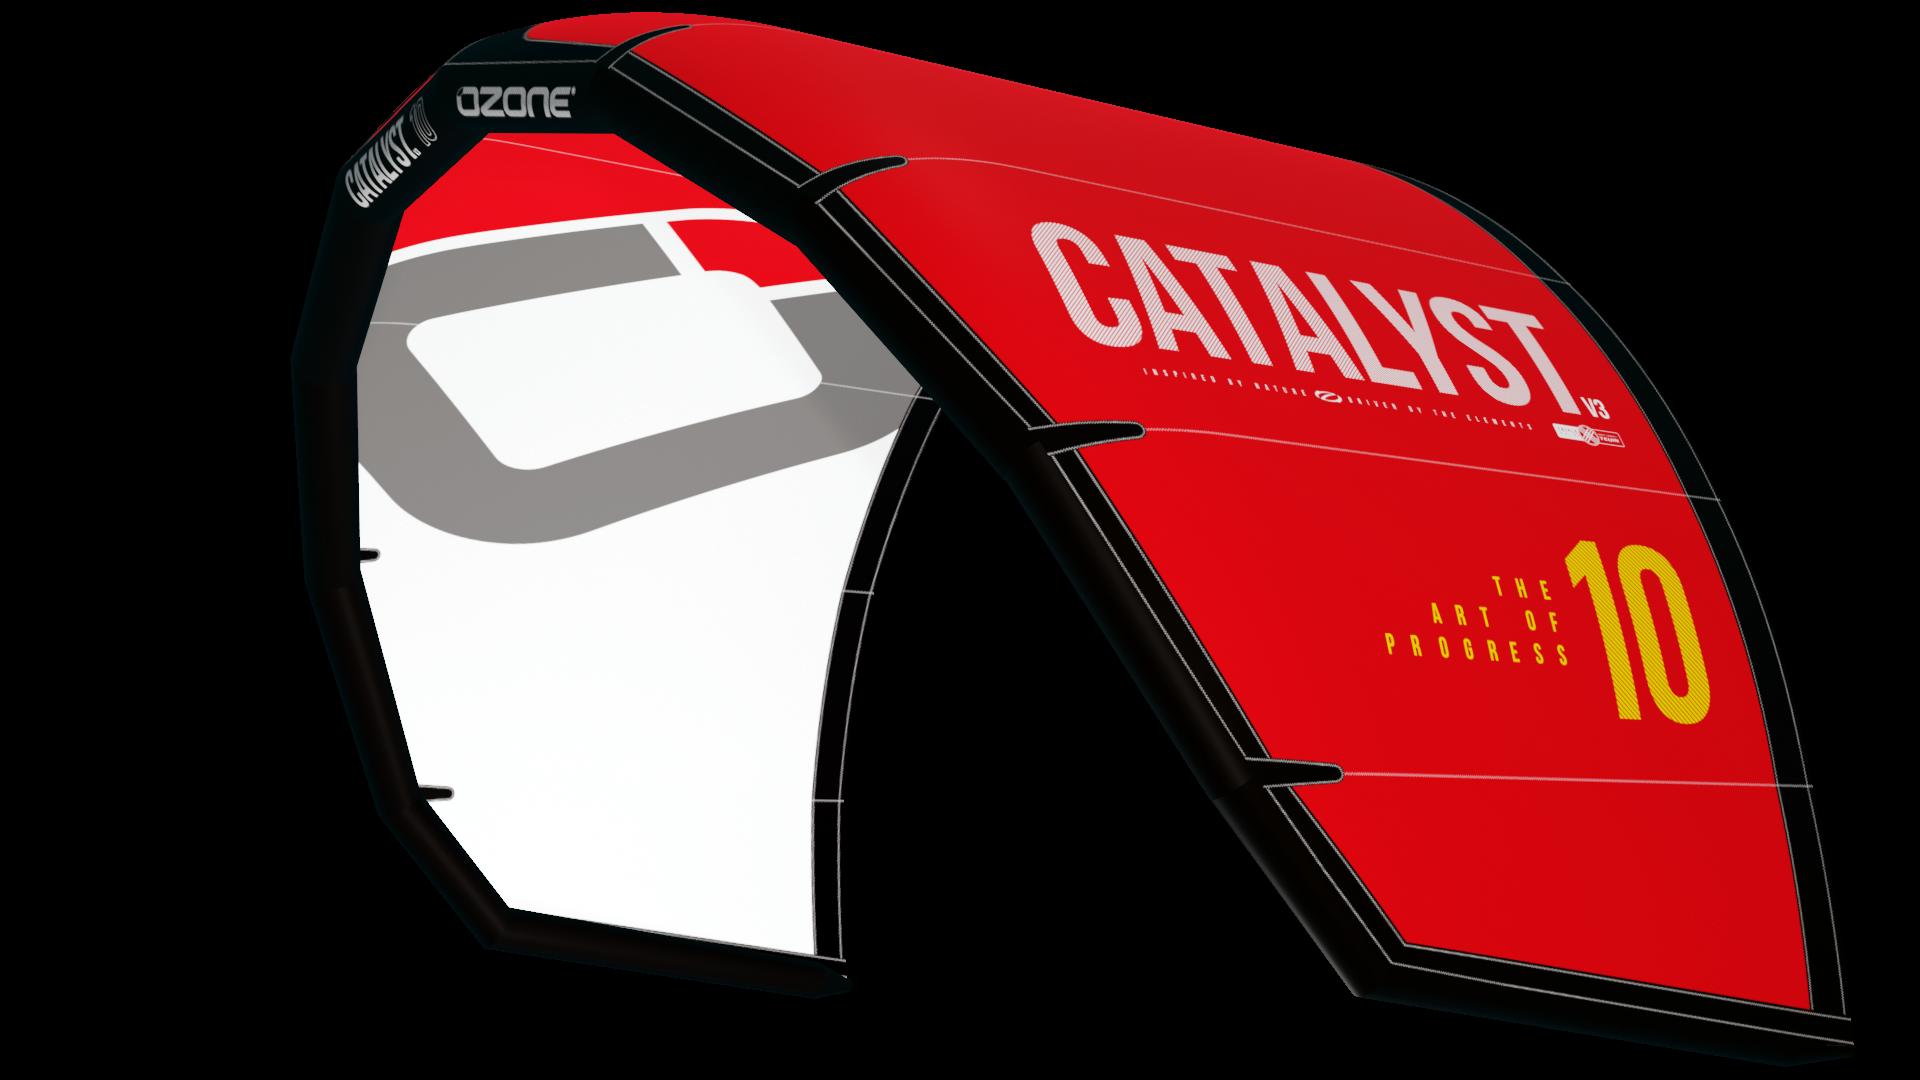 Ozone Catalyst V3 8m Kite